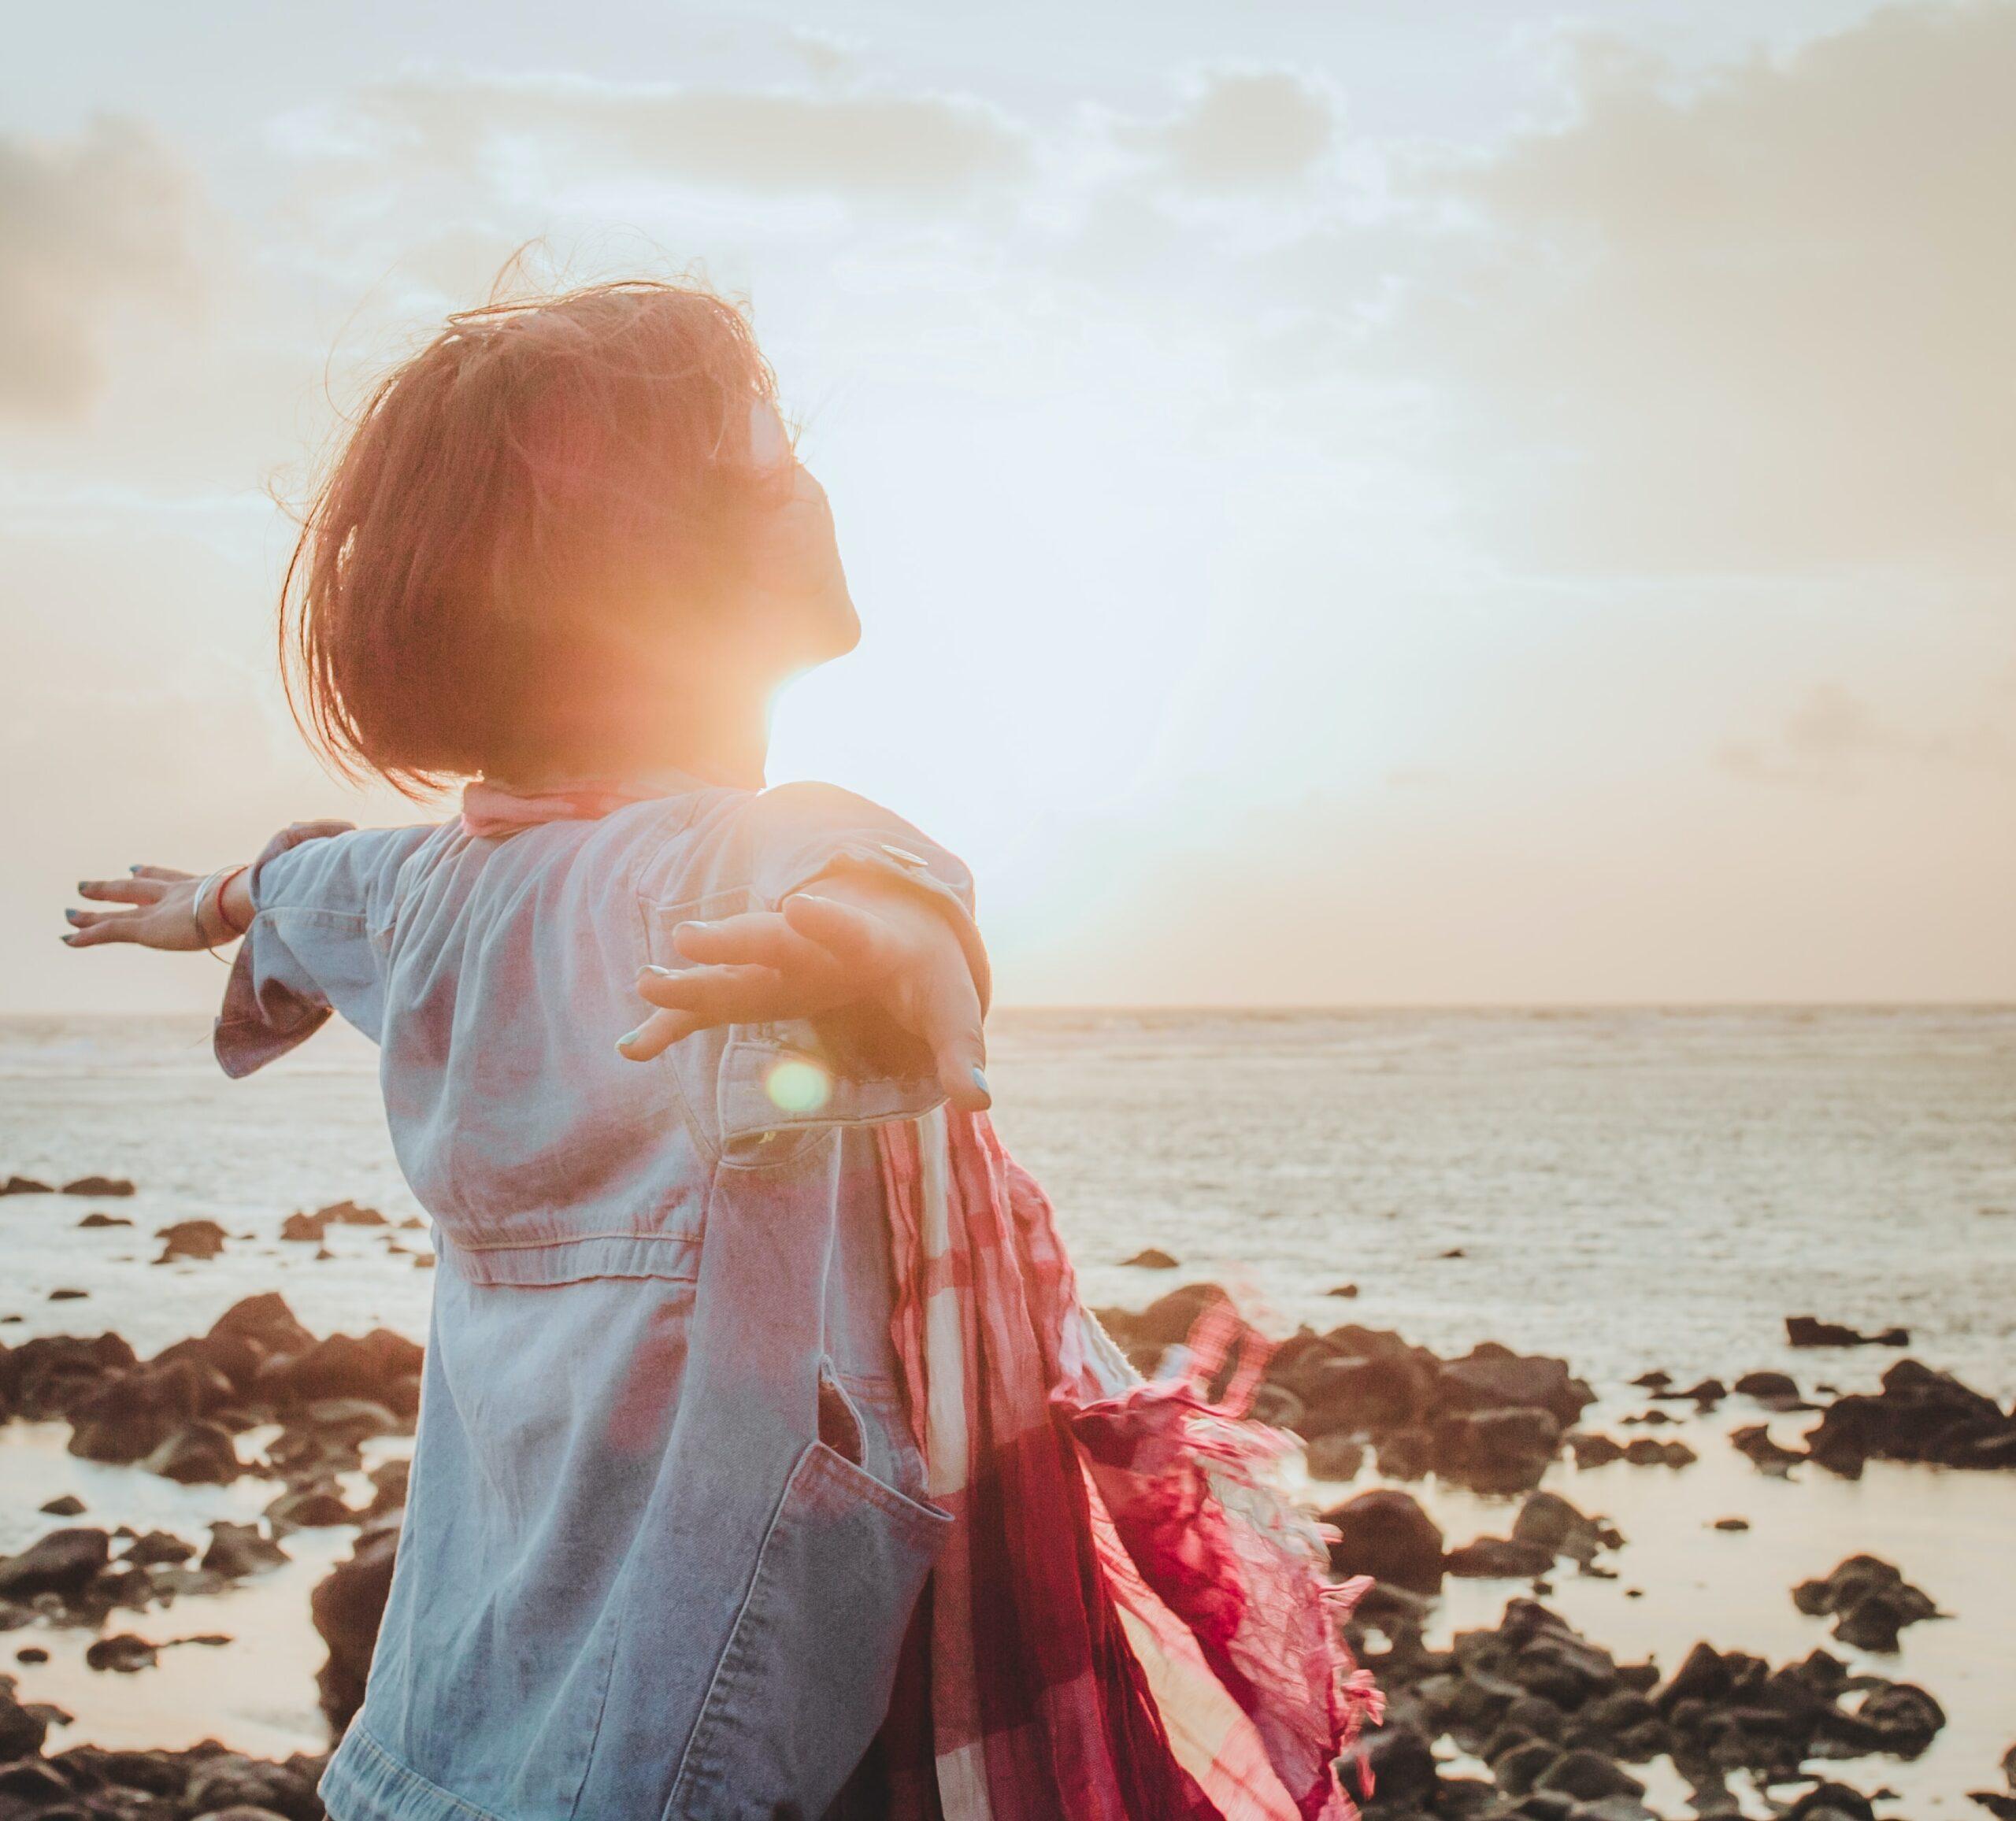 διακοπές χωρίς τα παιδιά